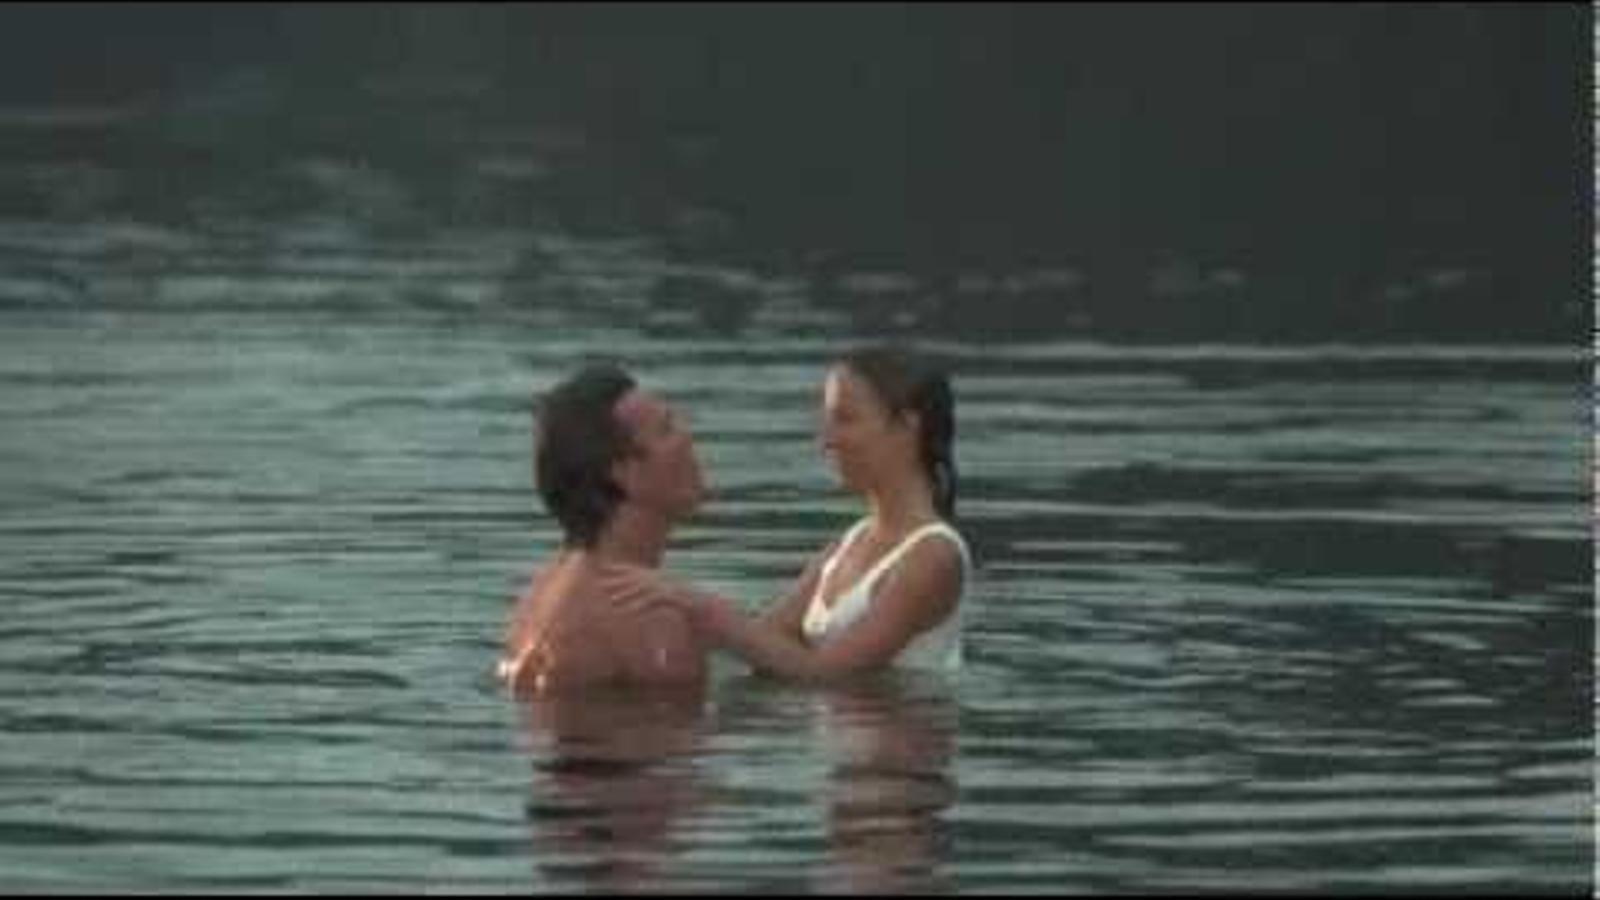 L'escena de 'Dirty dancing' amb el salt a l'aigua